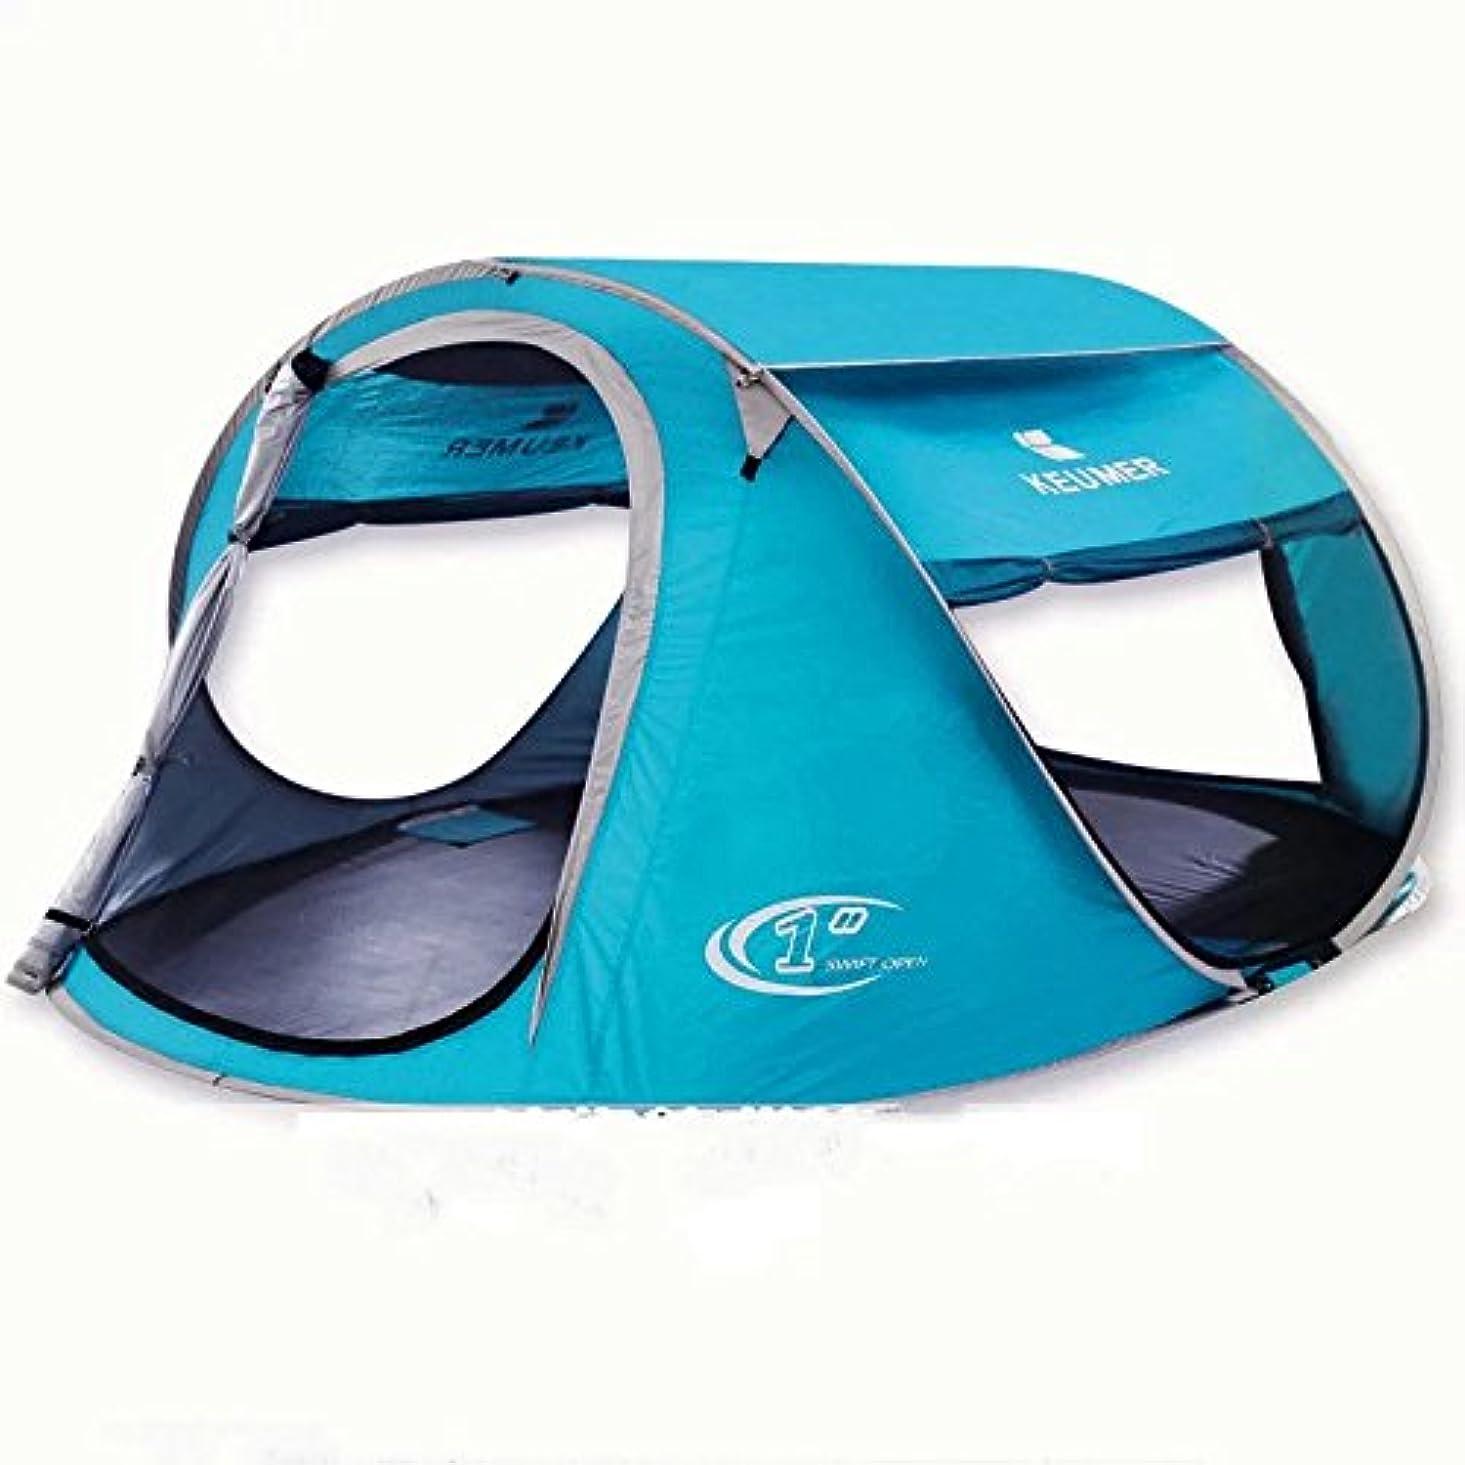 若い制限する一人でHkkint 3-4人屋外ビーチキャンプ自動テント折りたたみポータブルサンシェードテント大スペース強い安定性優れた換気 (Color : 2)